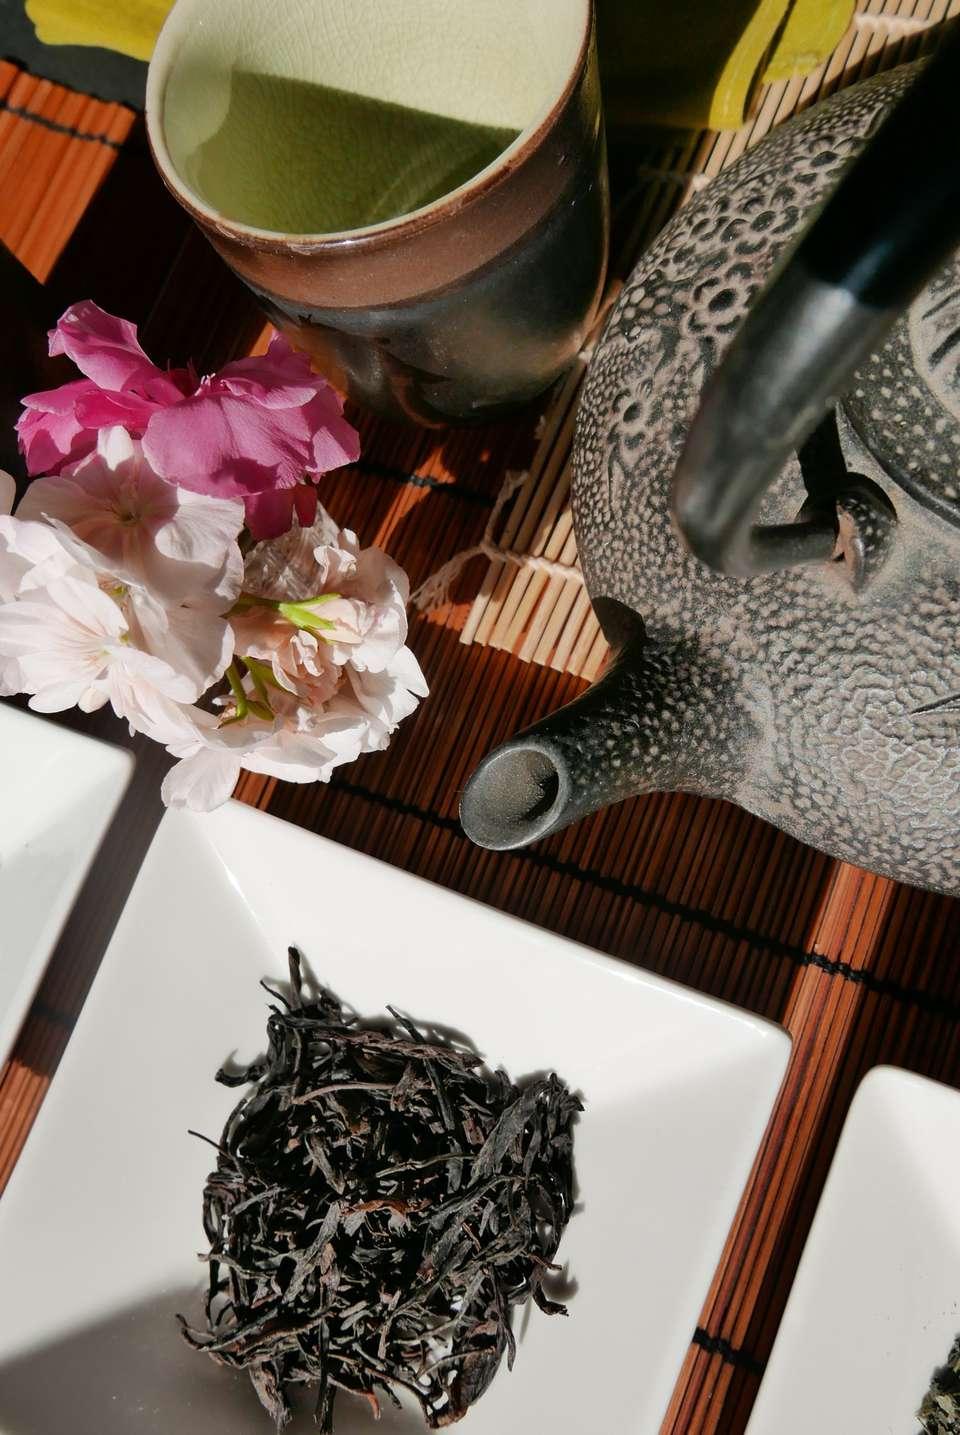 High Angle View Of Oolong Tea And Teapot